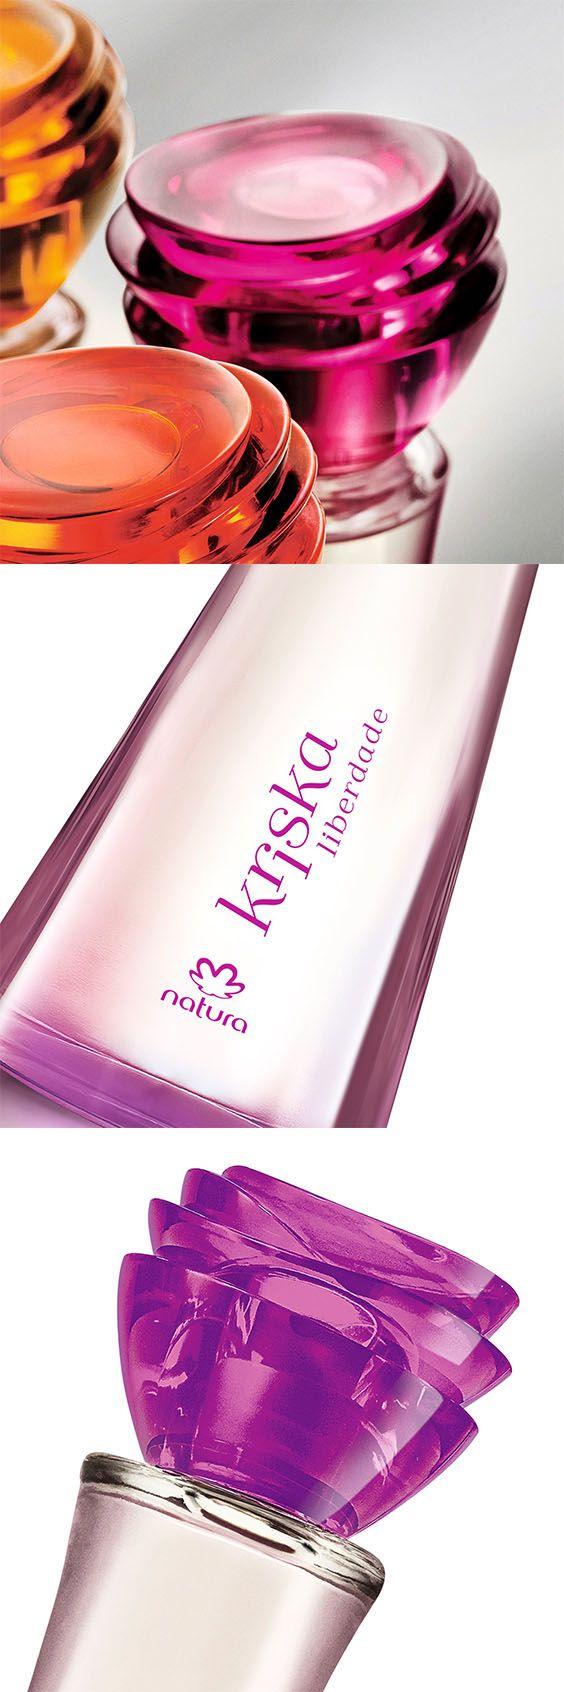 Perfume Kriska Liberdade Natura -  Imagine uma colônia versátil que dá a você a liberdade de ser quem é. Com pomelo rosa e fragrância floral e refrescante.